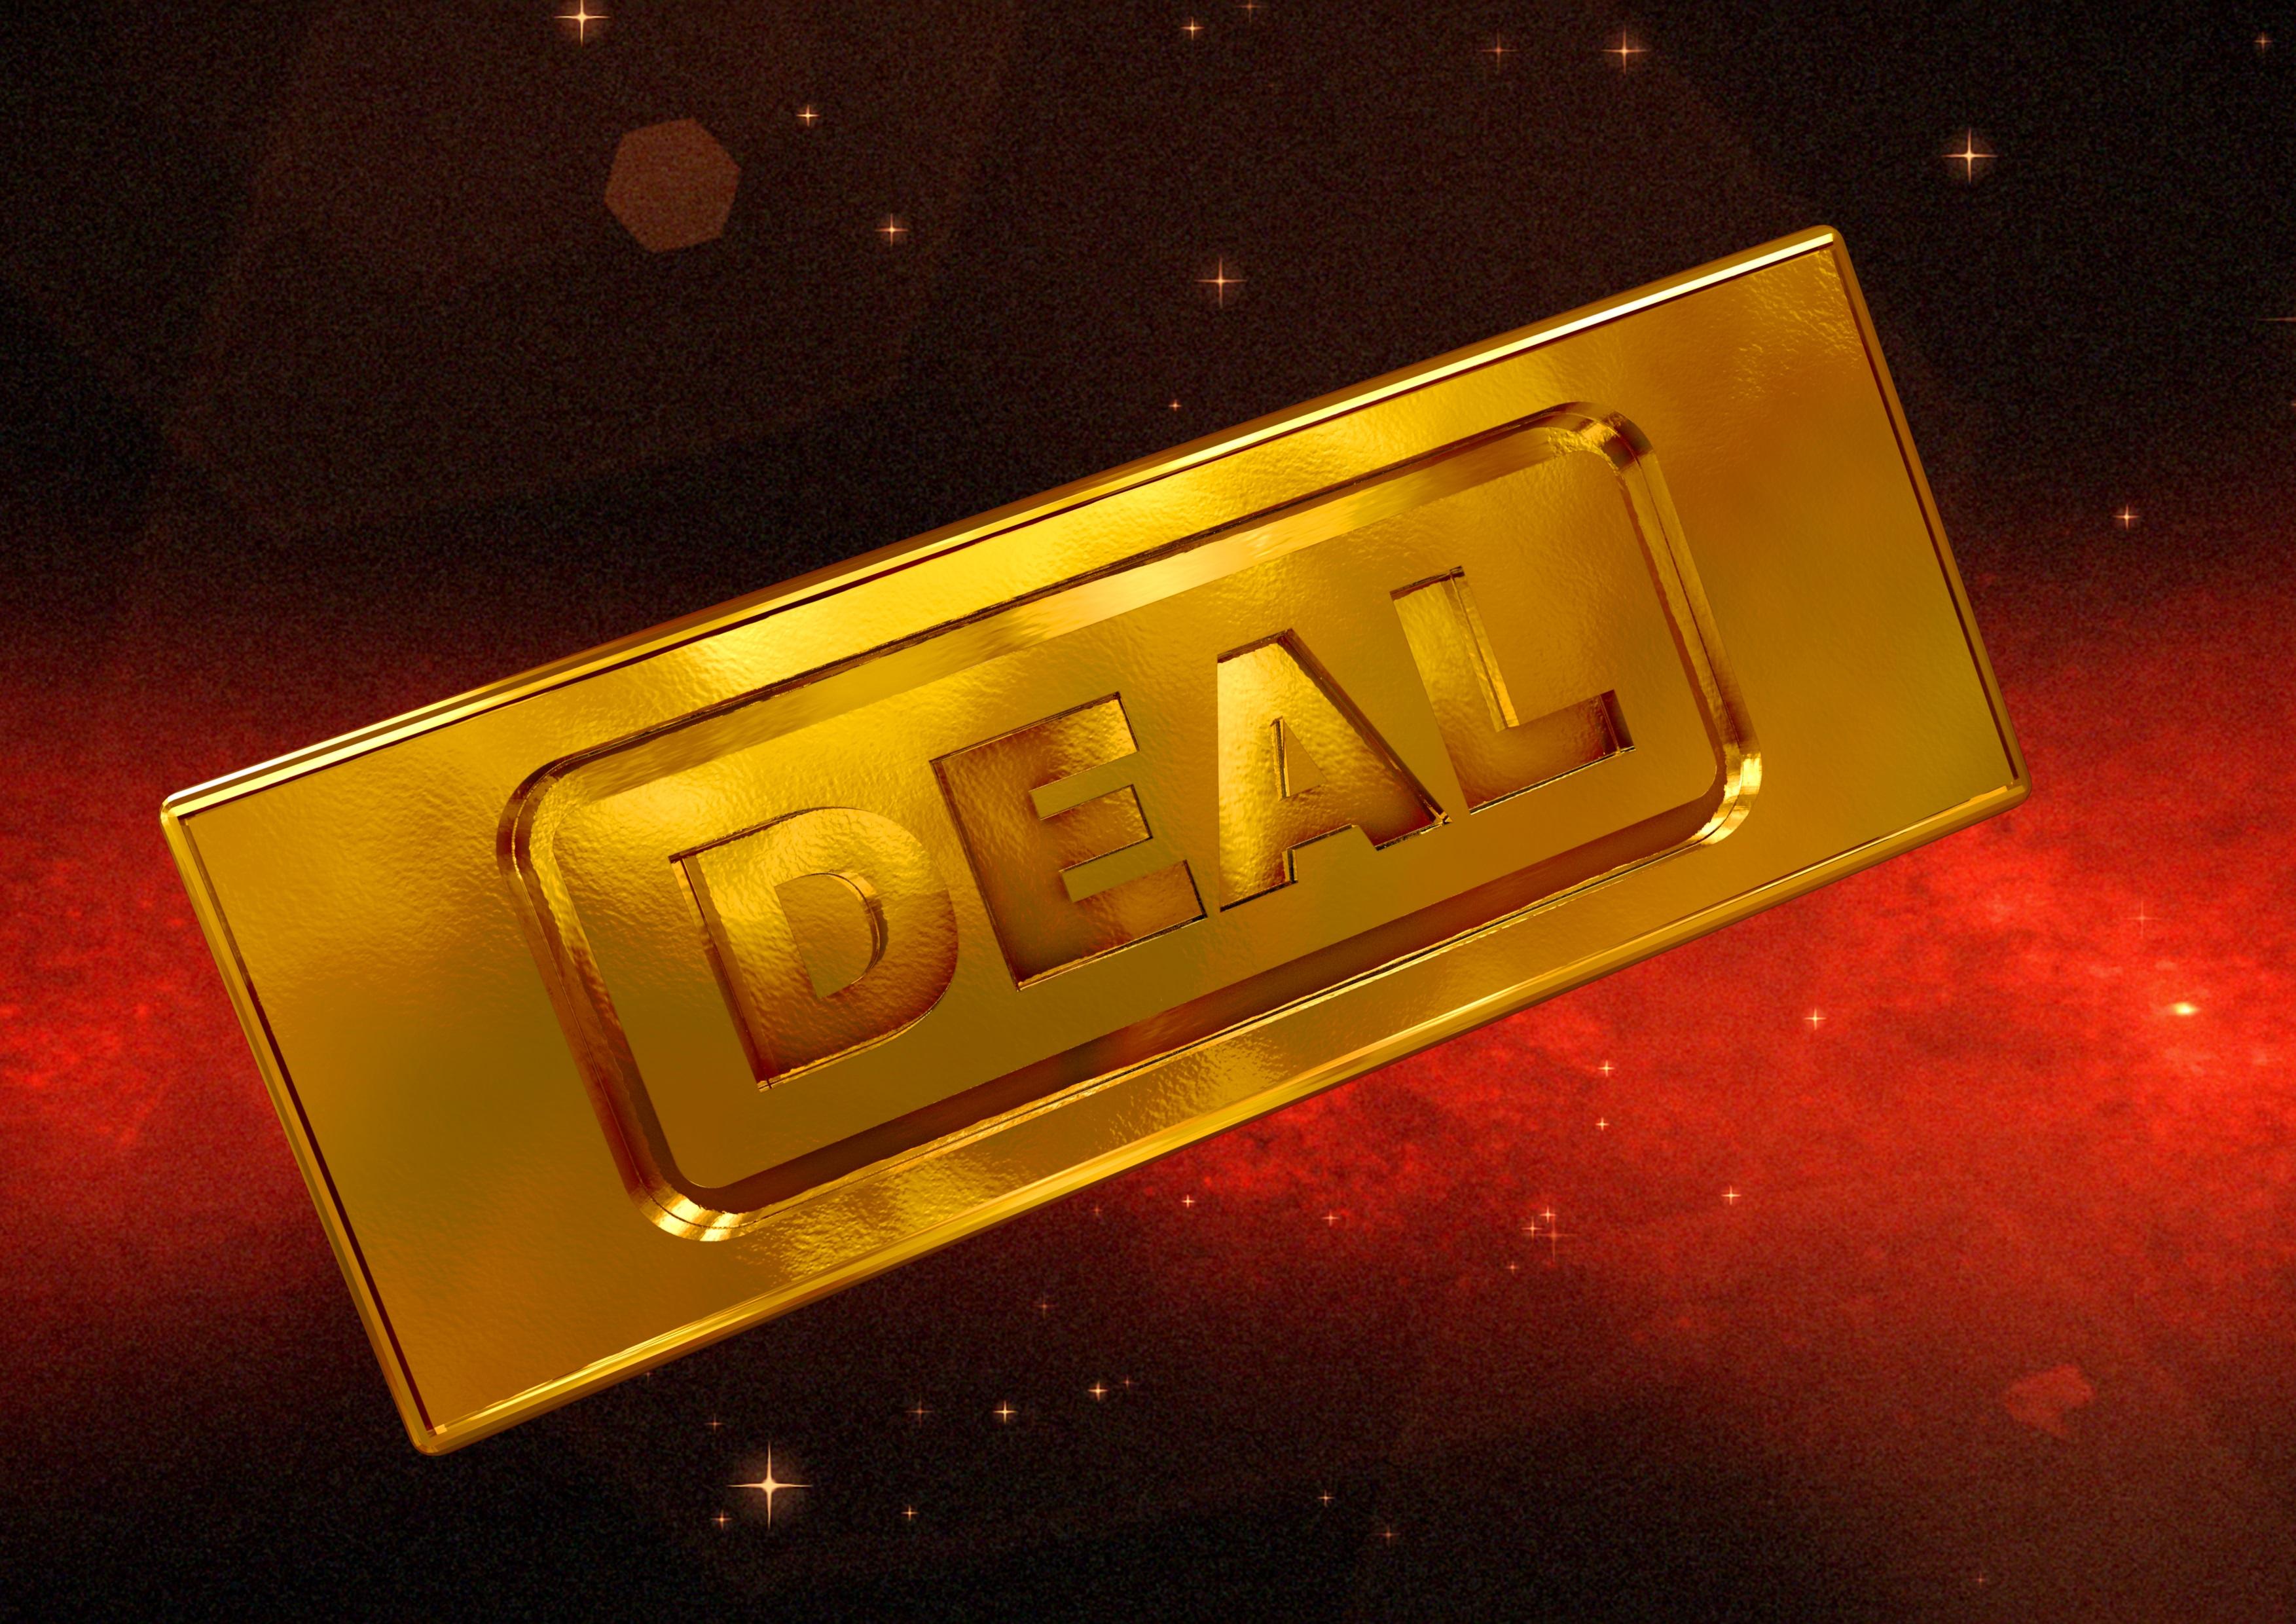 Το Deal επιστρέφει με εκπλήξεις και νέους κανόνες!